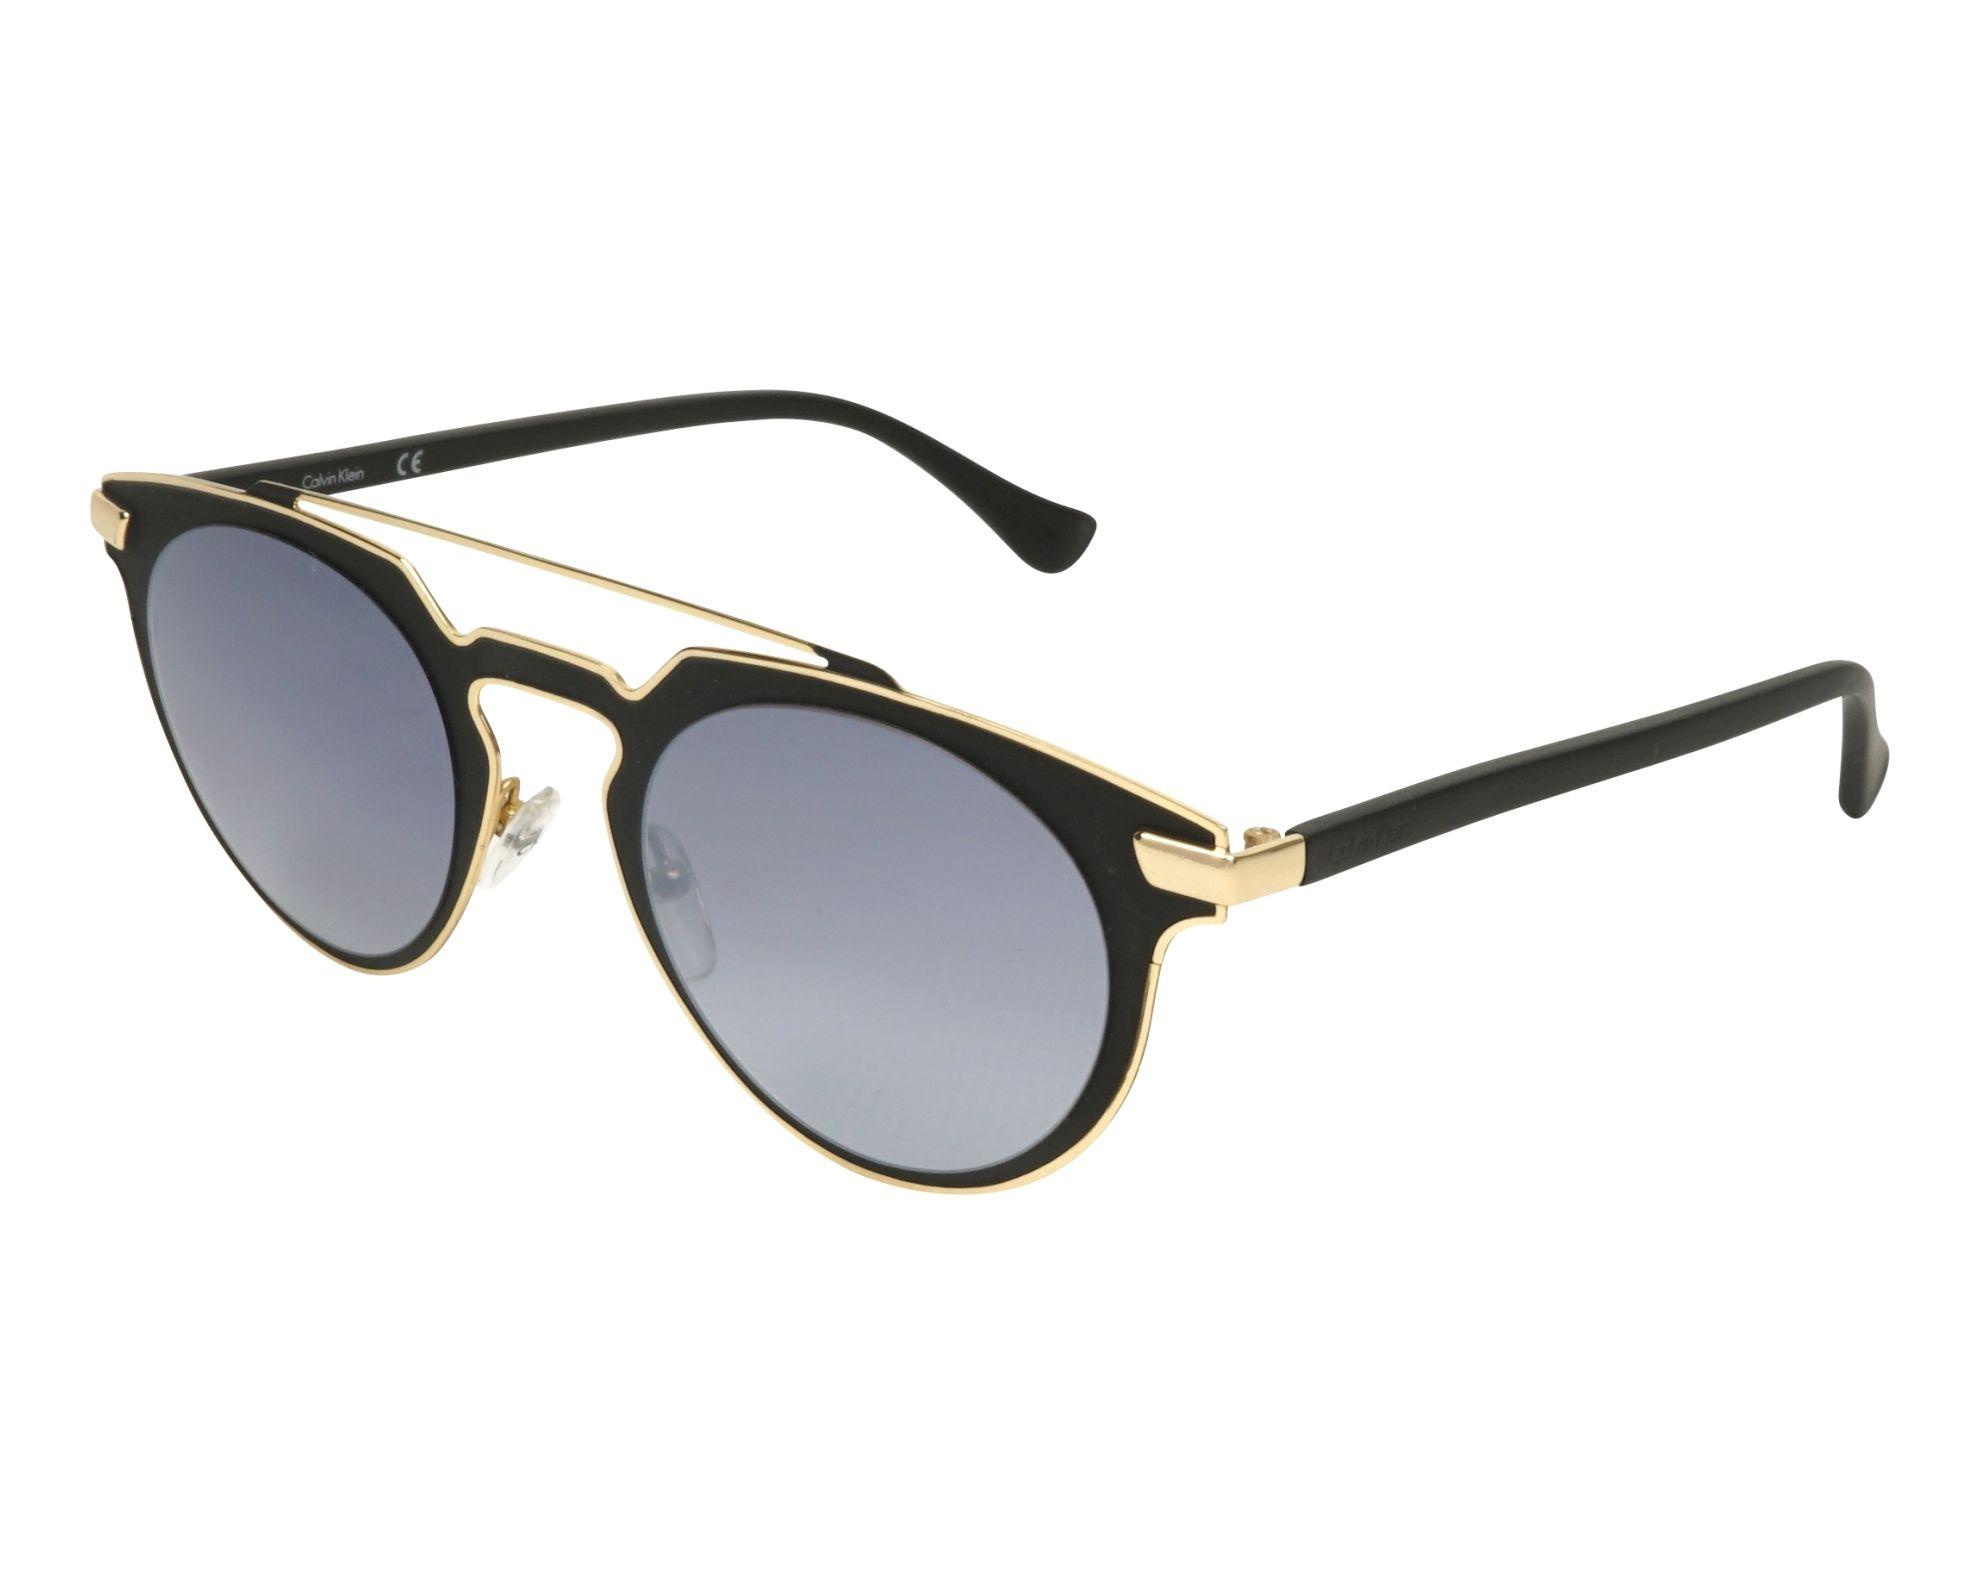 lunettes de soleil calvin klein ck 2147 s 001 noir avec des verres gris. Black Bedroom Furniture Sets. Home Design Ideas